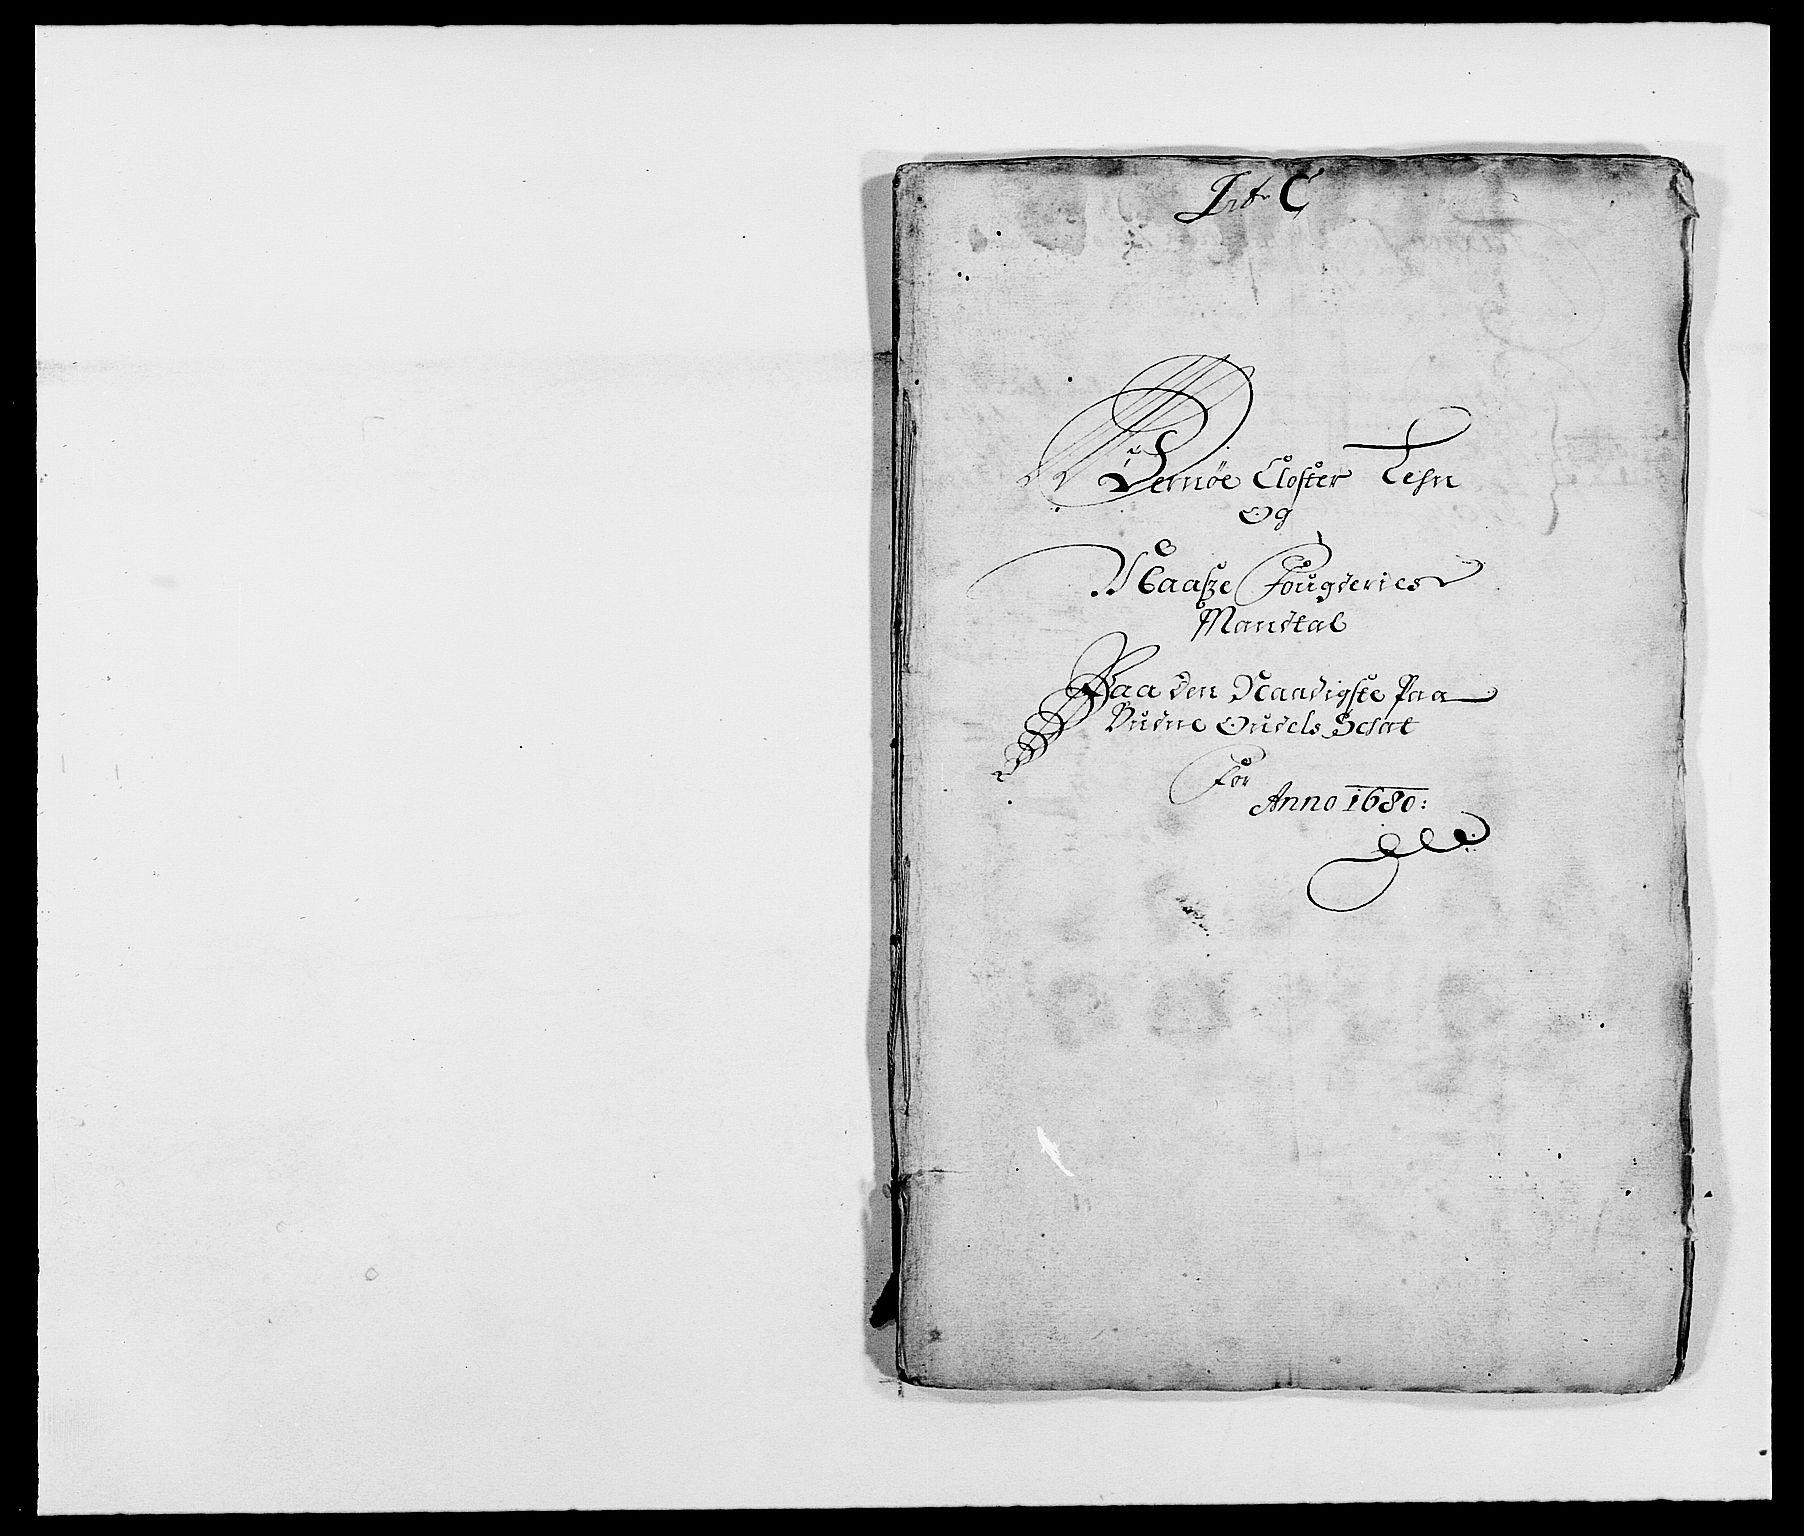 RA, Rentekammeret inntil 1814, Reviderte regnskaper, Fogderegnskap, R02/L0101: Fogderegnskap Moss og Verne kloster, 1680, s. 67